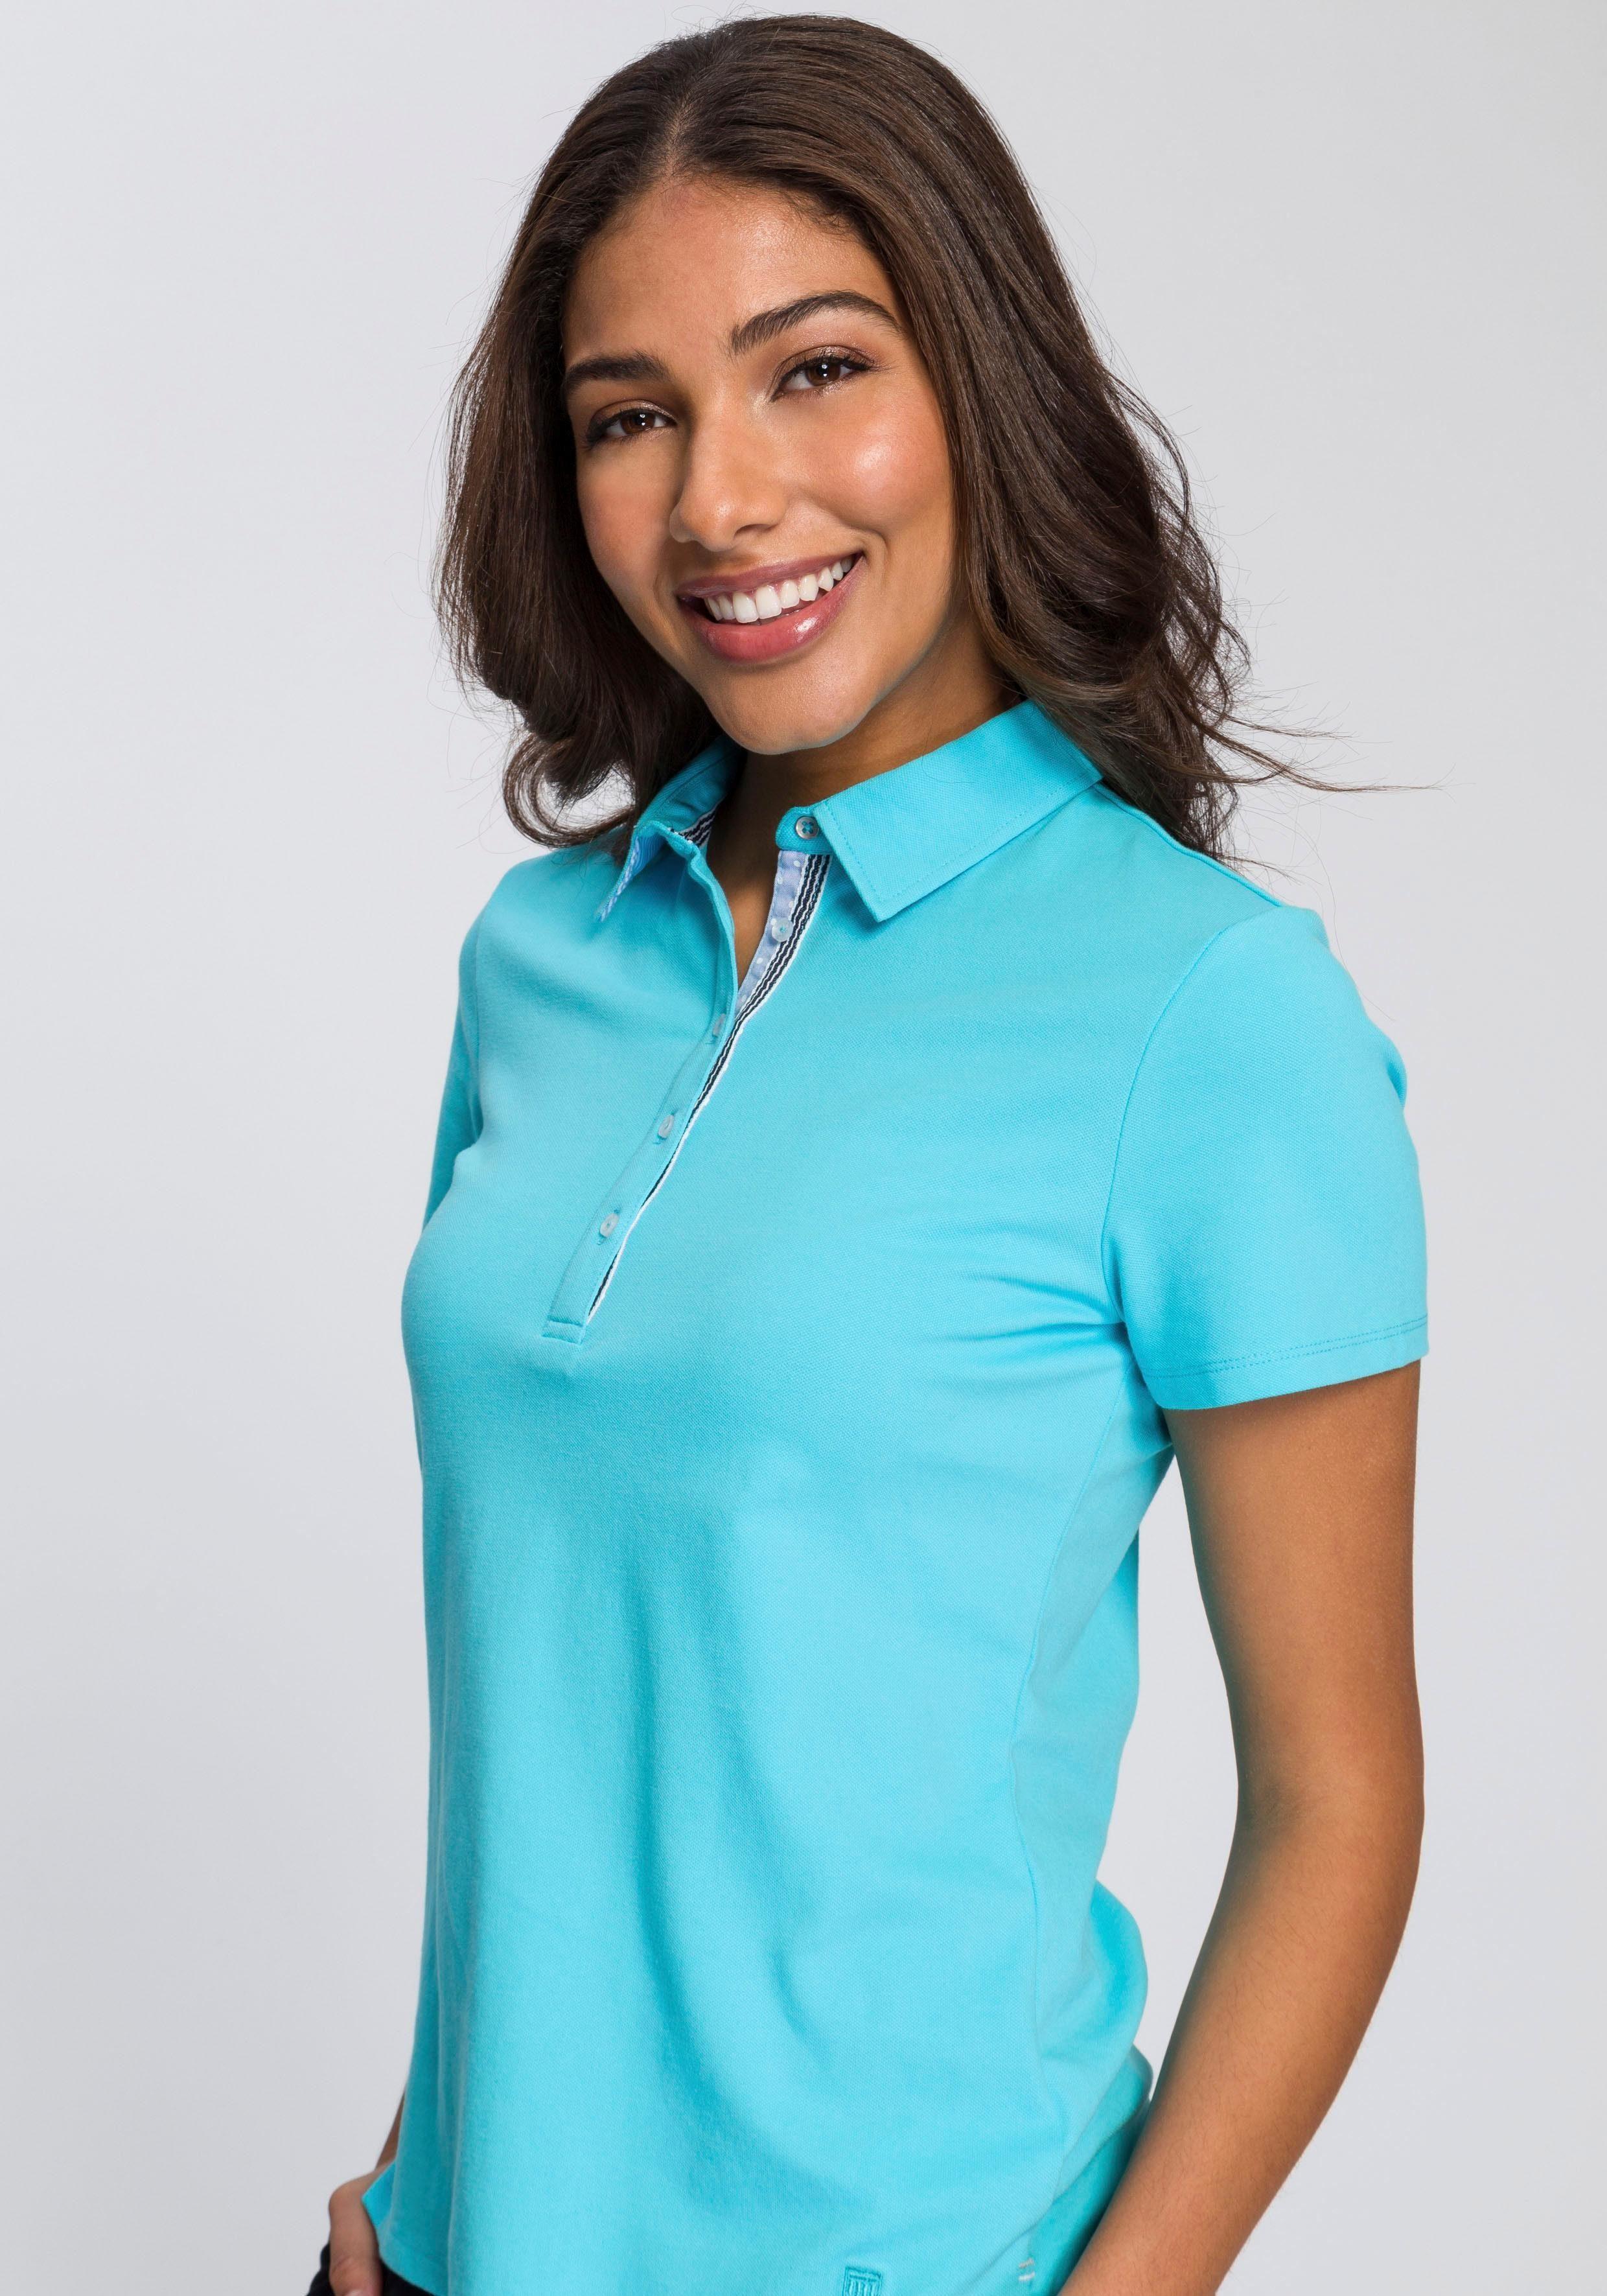 BASEFIELD Poloshirt mit dezenter Logostickerei